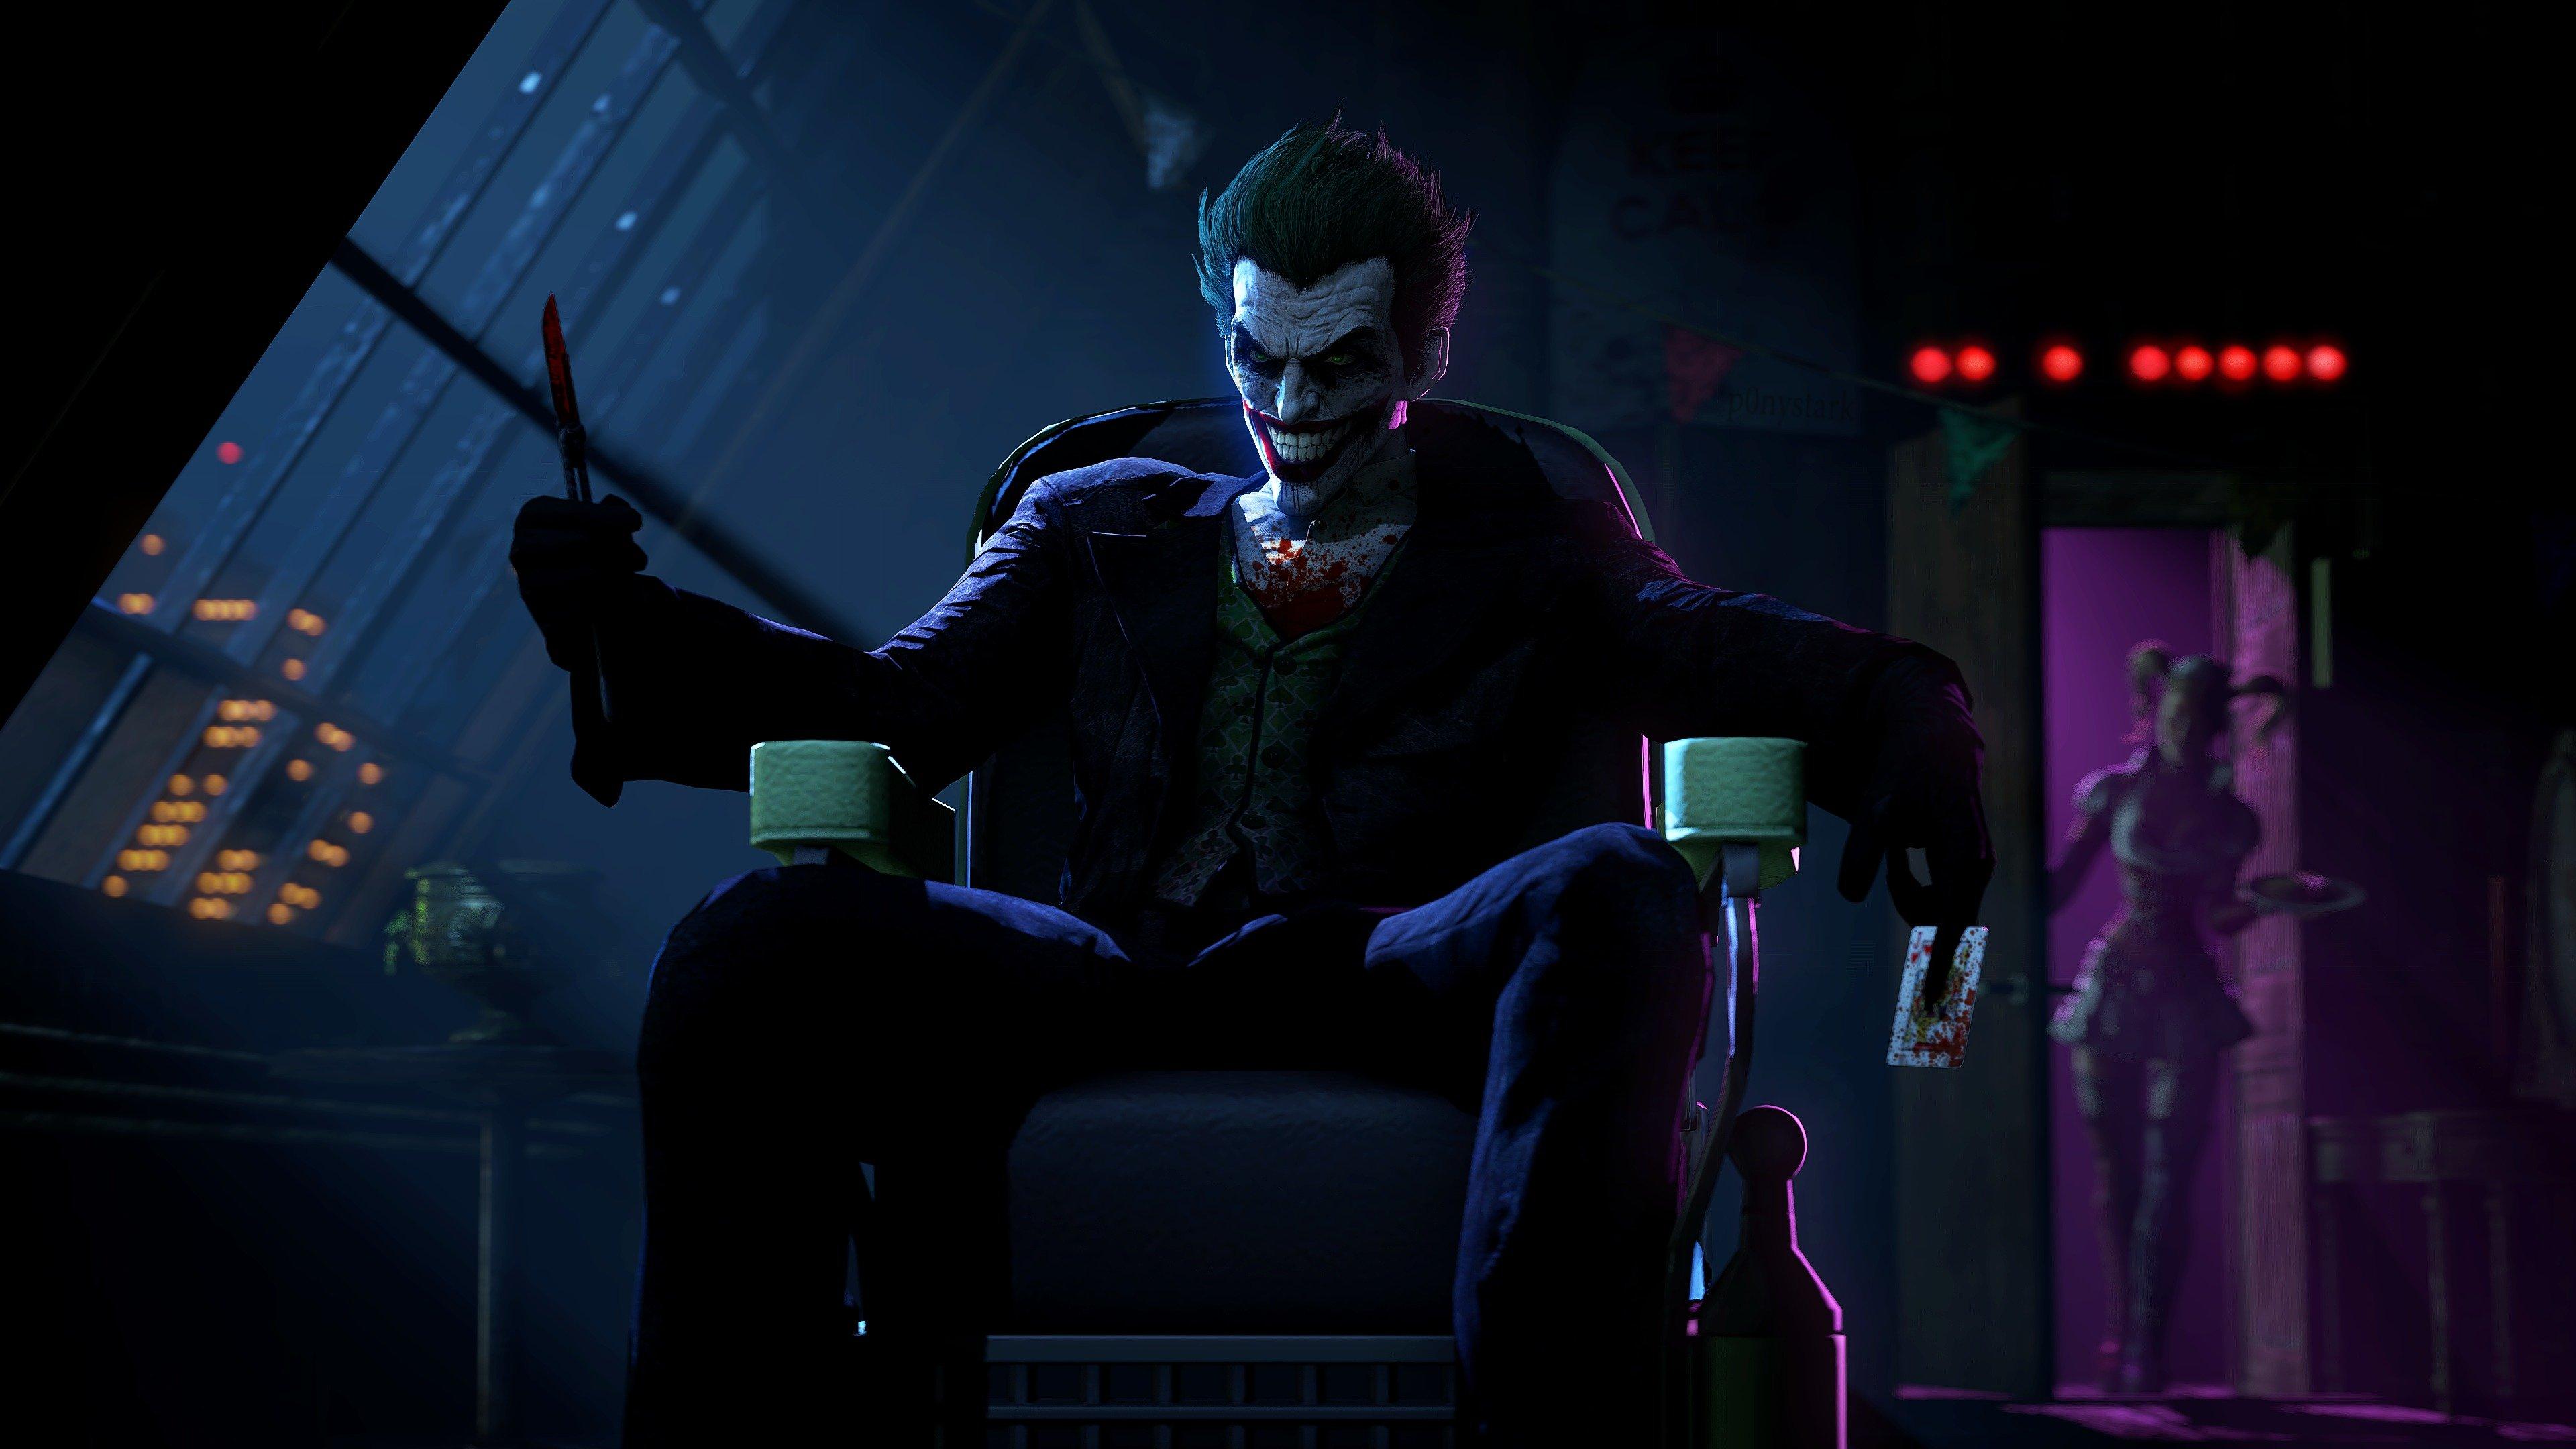 Fondos de pantalla Joker (Guasón) Batman Arkham Origins